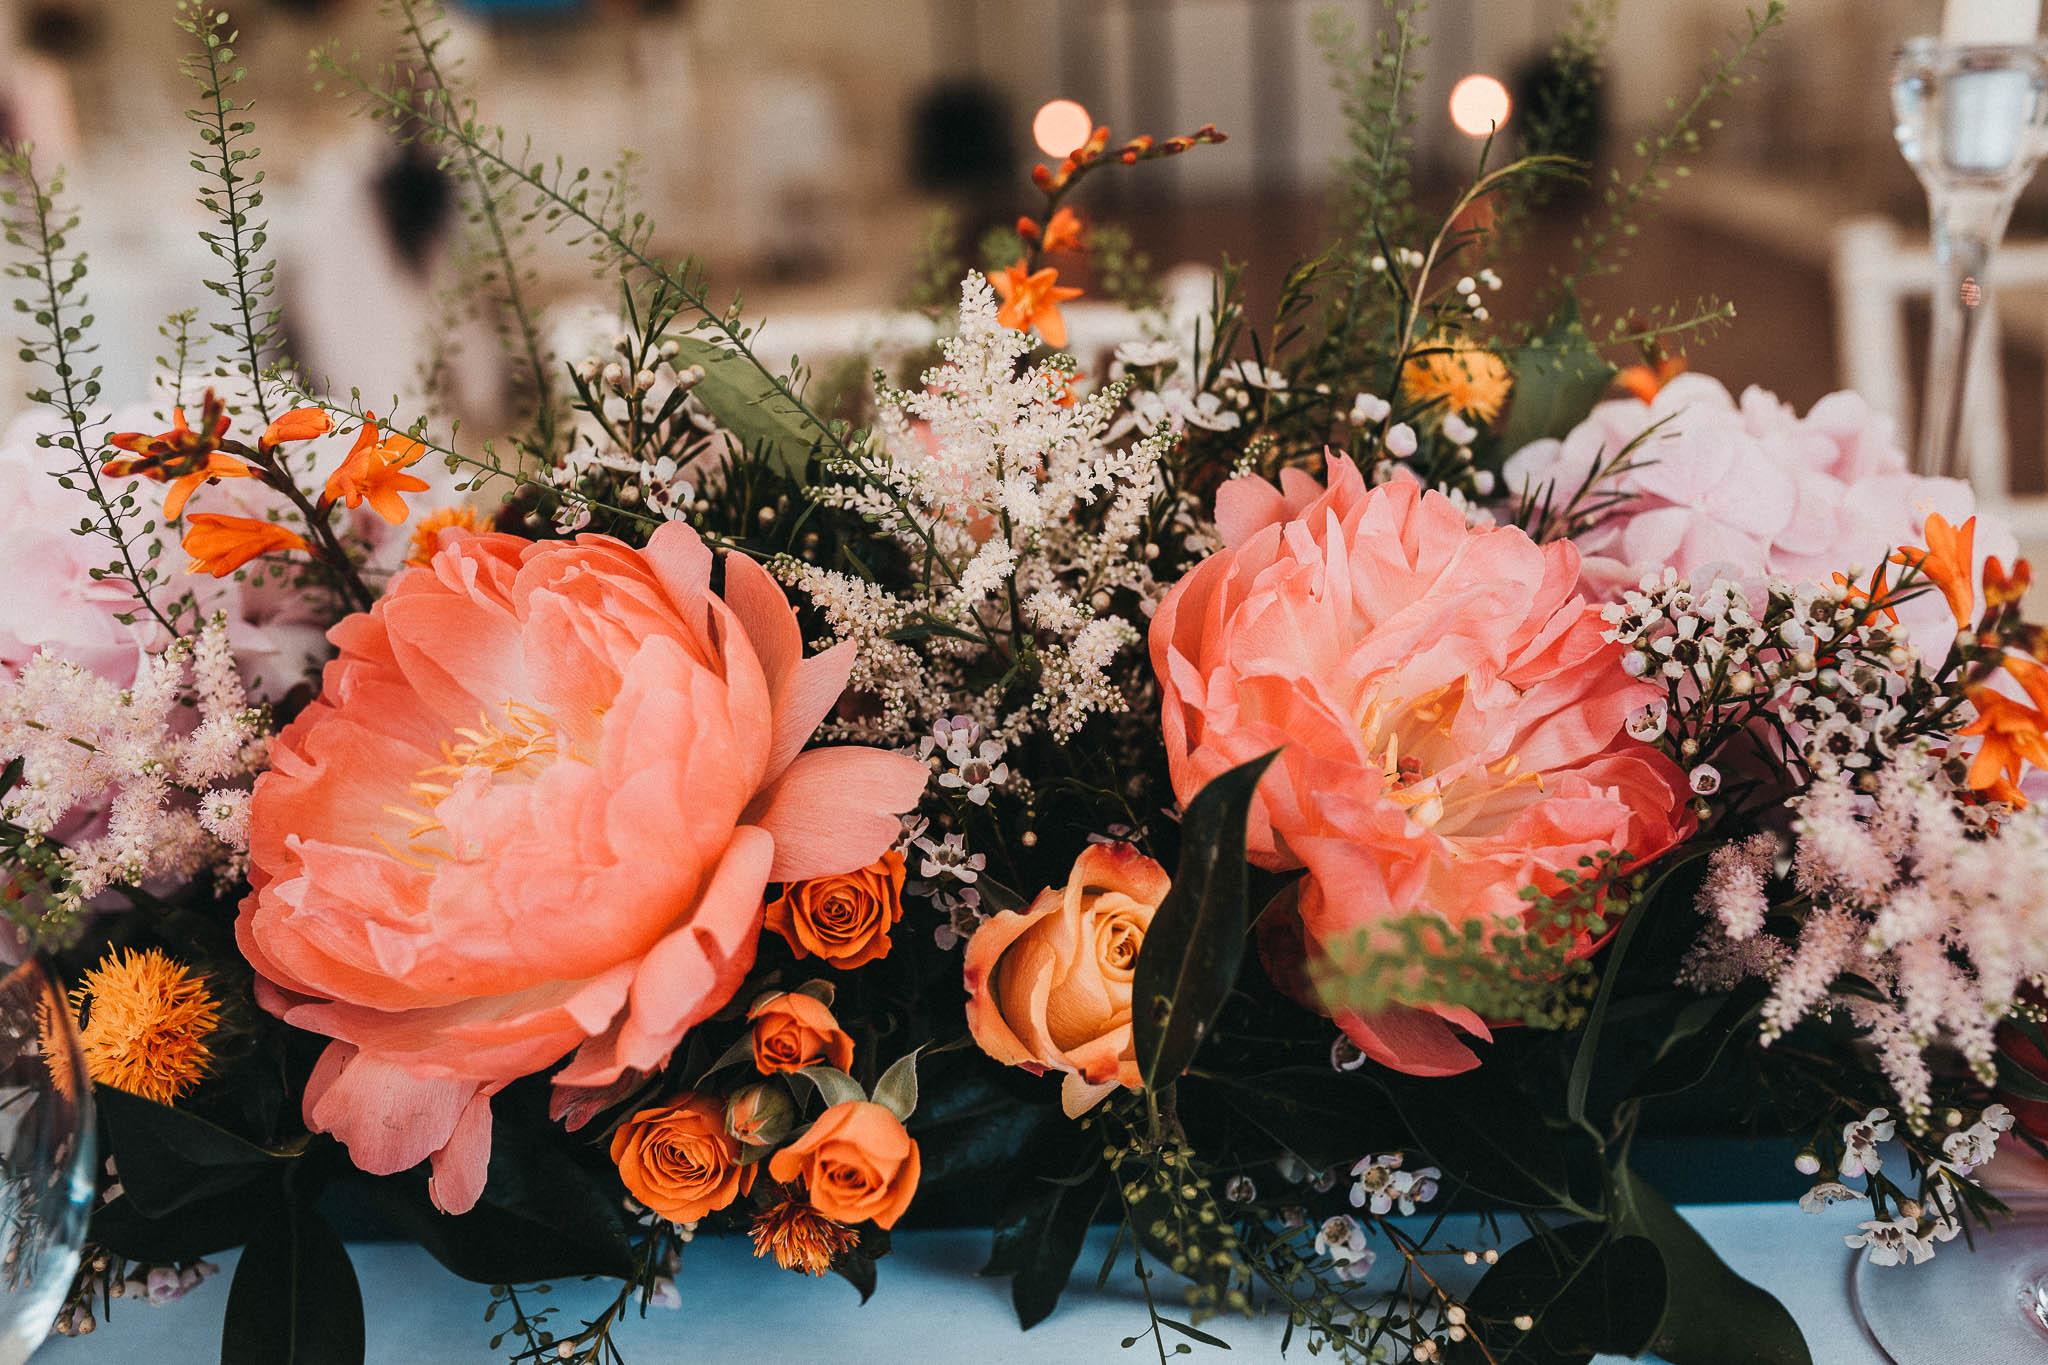 sezincote-wedding-154.jpg